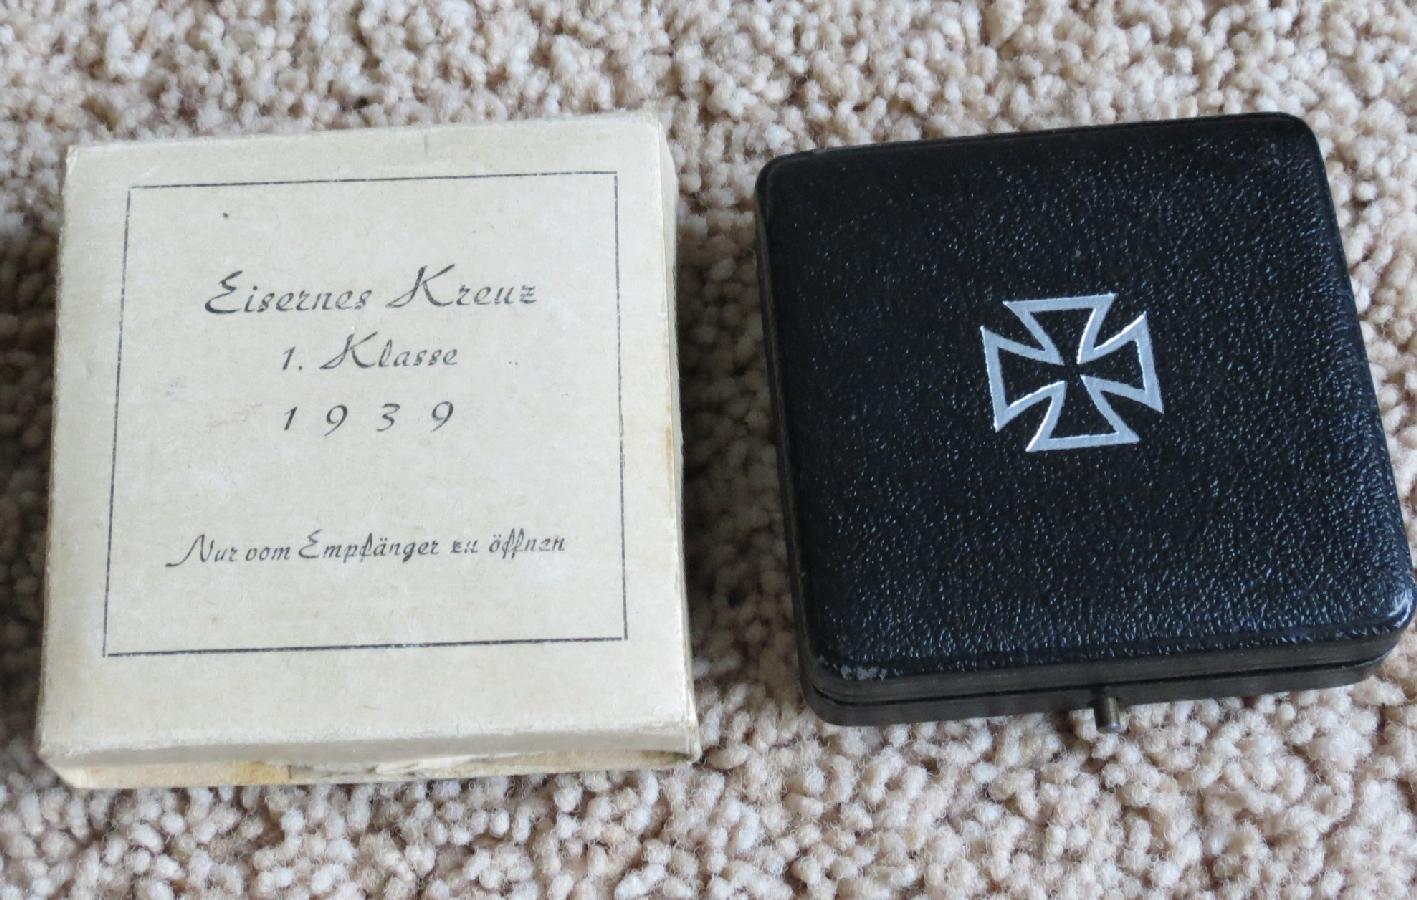 Ecrins pour Croix de Fer de 1ère Classe (EK1) 1914, 1939 et 1957 180328063314867451